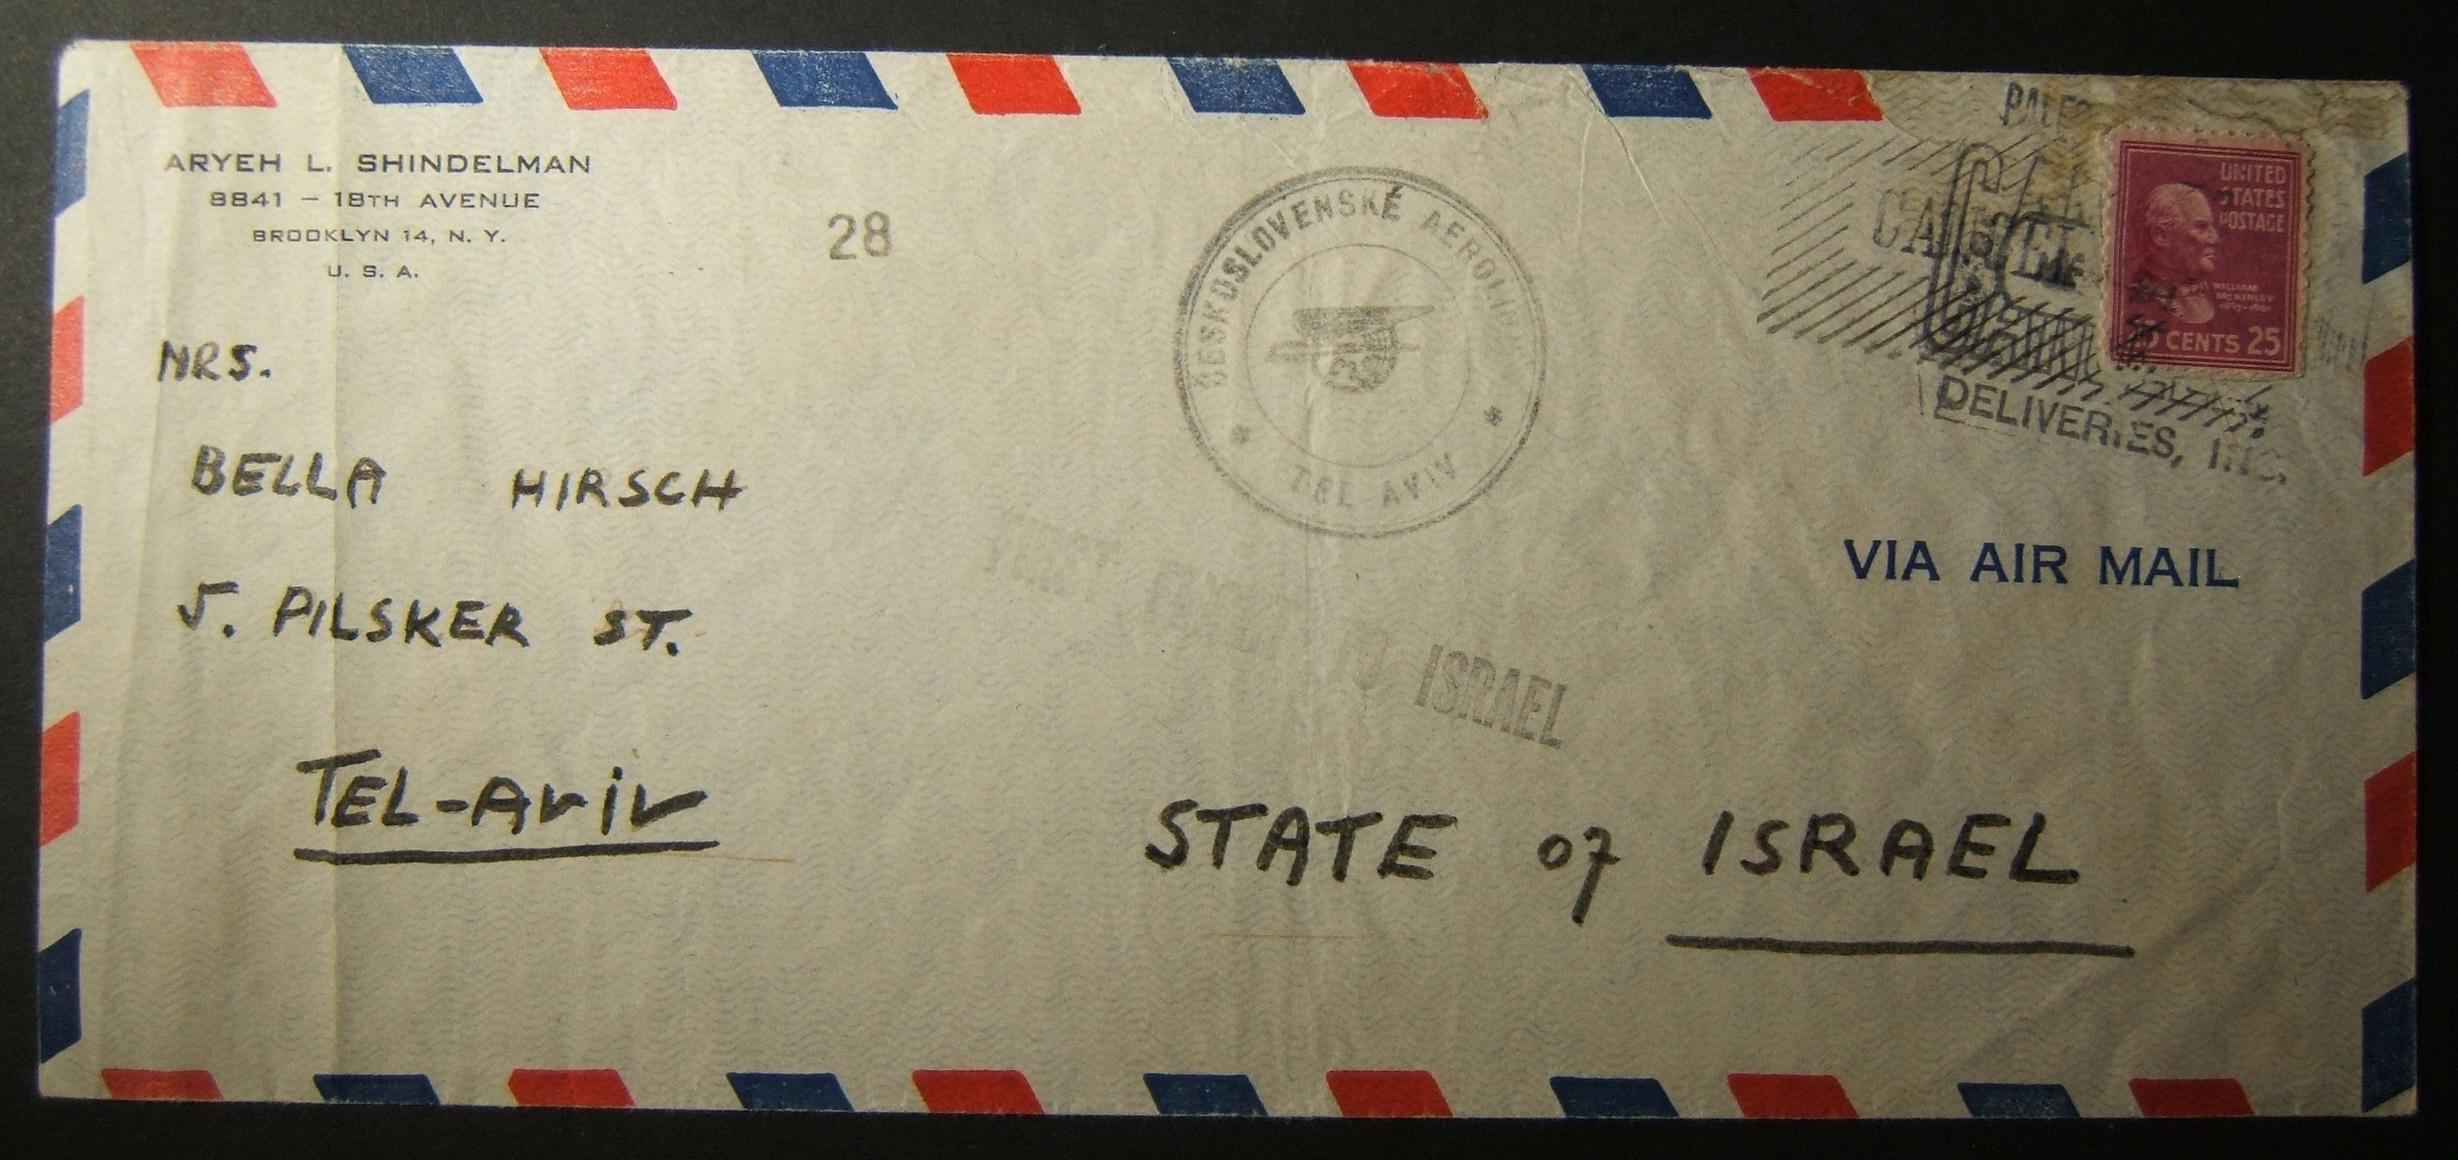 21-5-1948 إرسال بريد إلكتروني PEDI الأول إلى تل أبيب: رقم 28 مع كلا النوعين الإلغاء والمخابئ